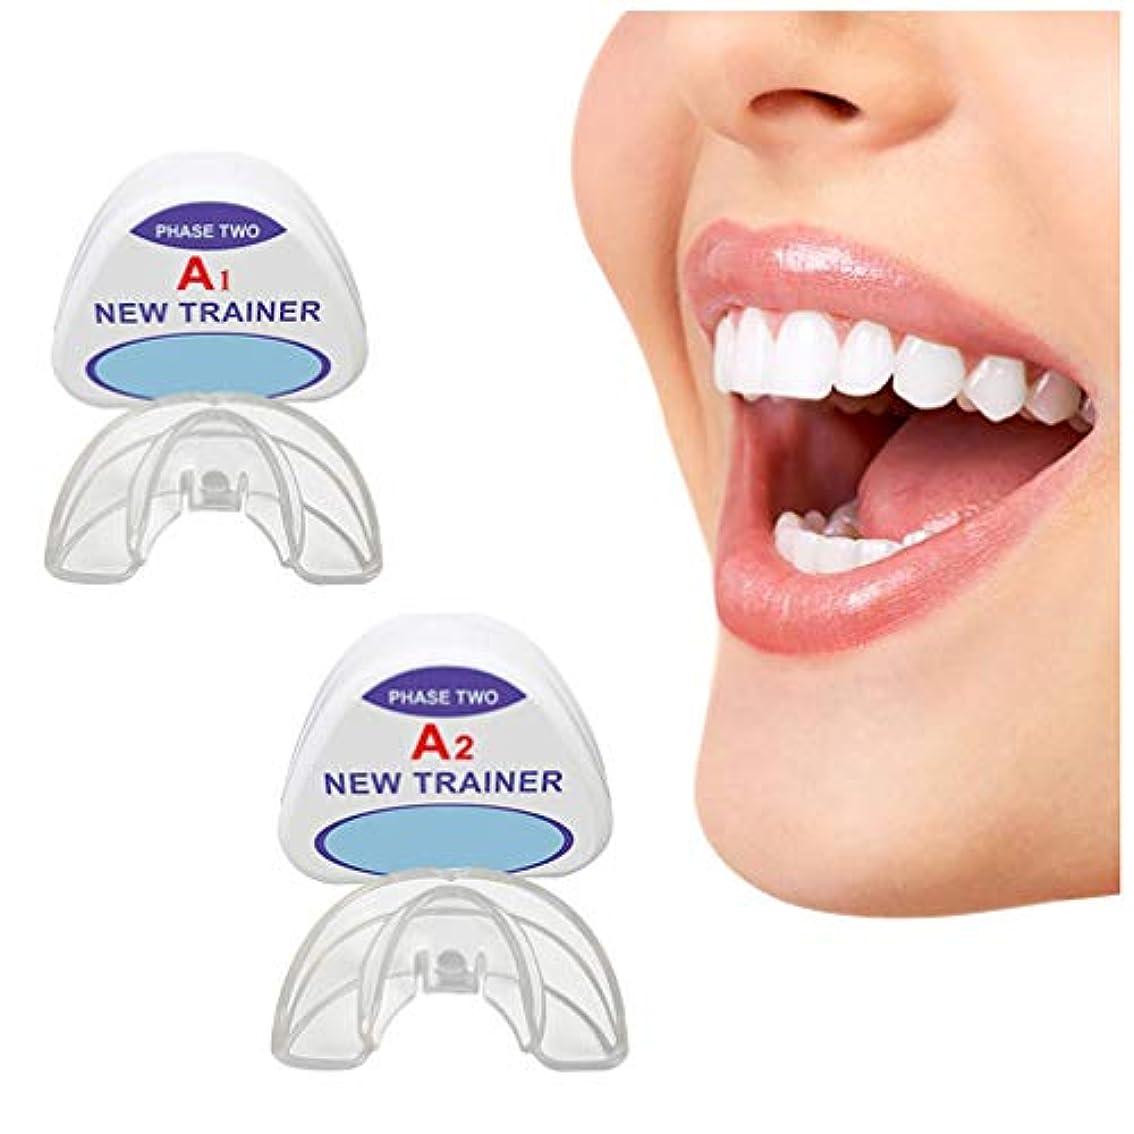 以下離婚押す歯アライメントトレーナーリテーナー、歯科矯正トレーナー、ナイトマウスガードスリムグラインドプロテクター、大人のためのトレーナー歯アライメントブレース,A1+A2